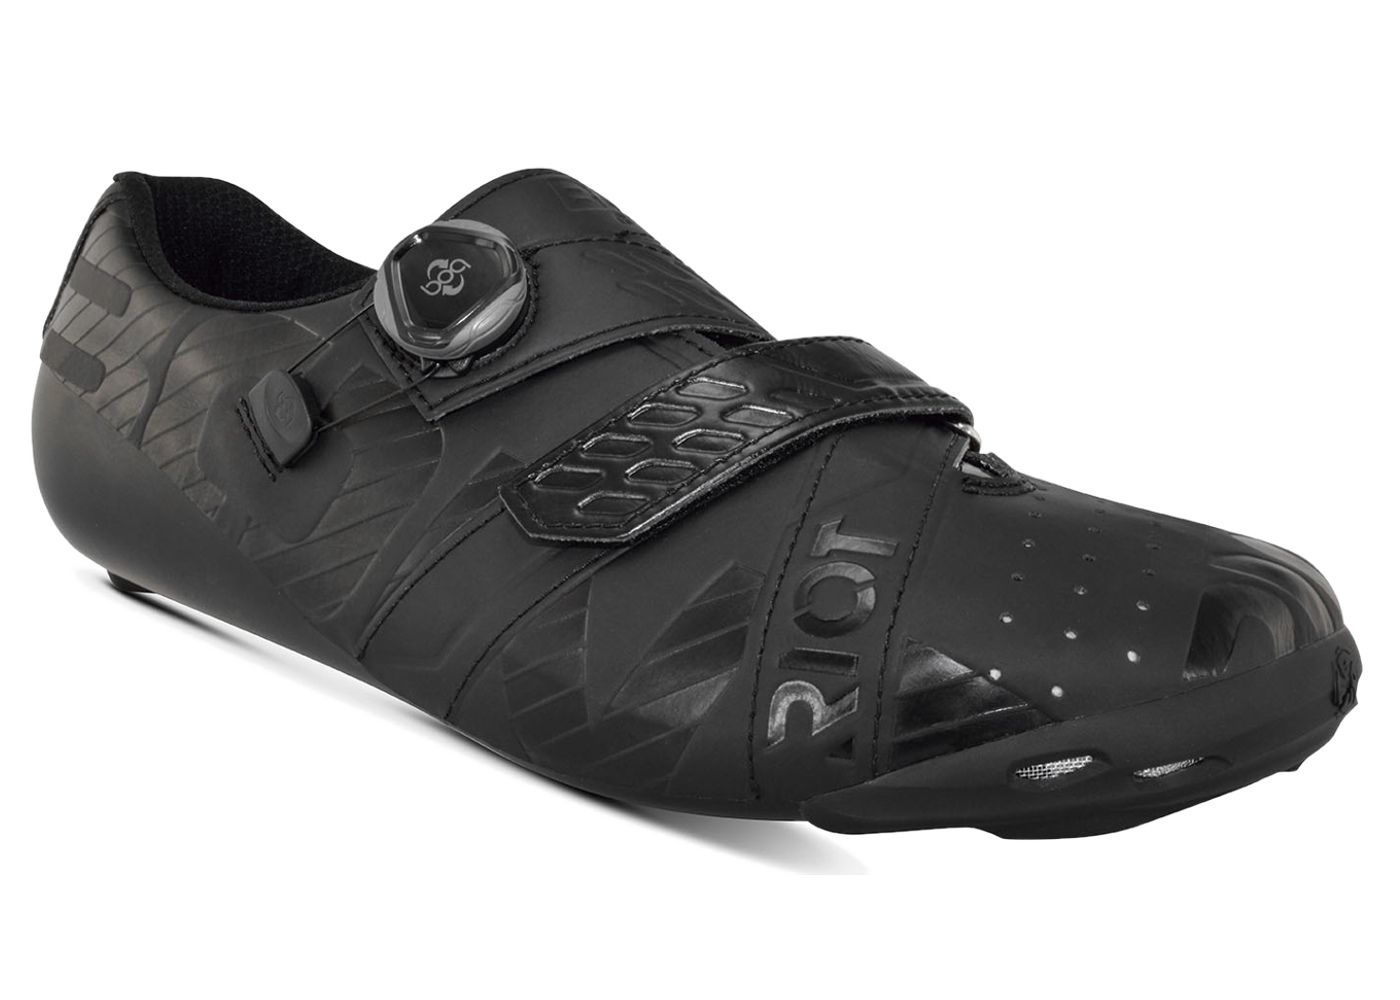 Bont BONT Riot Road+ Cycling Shoe 44 Black (no box)